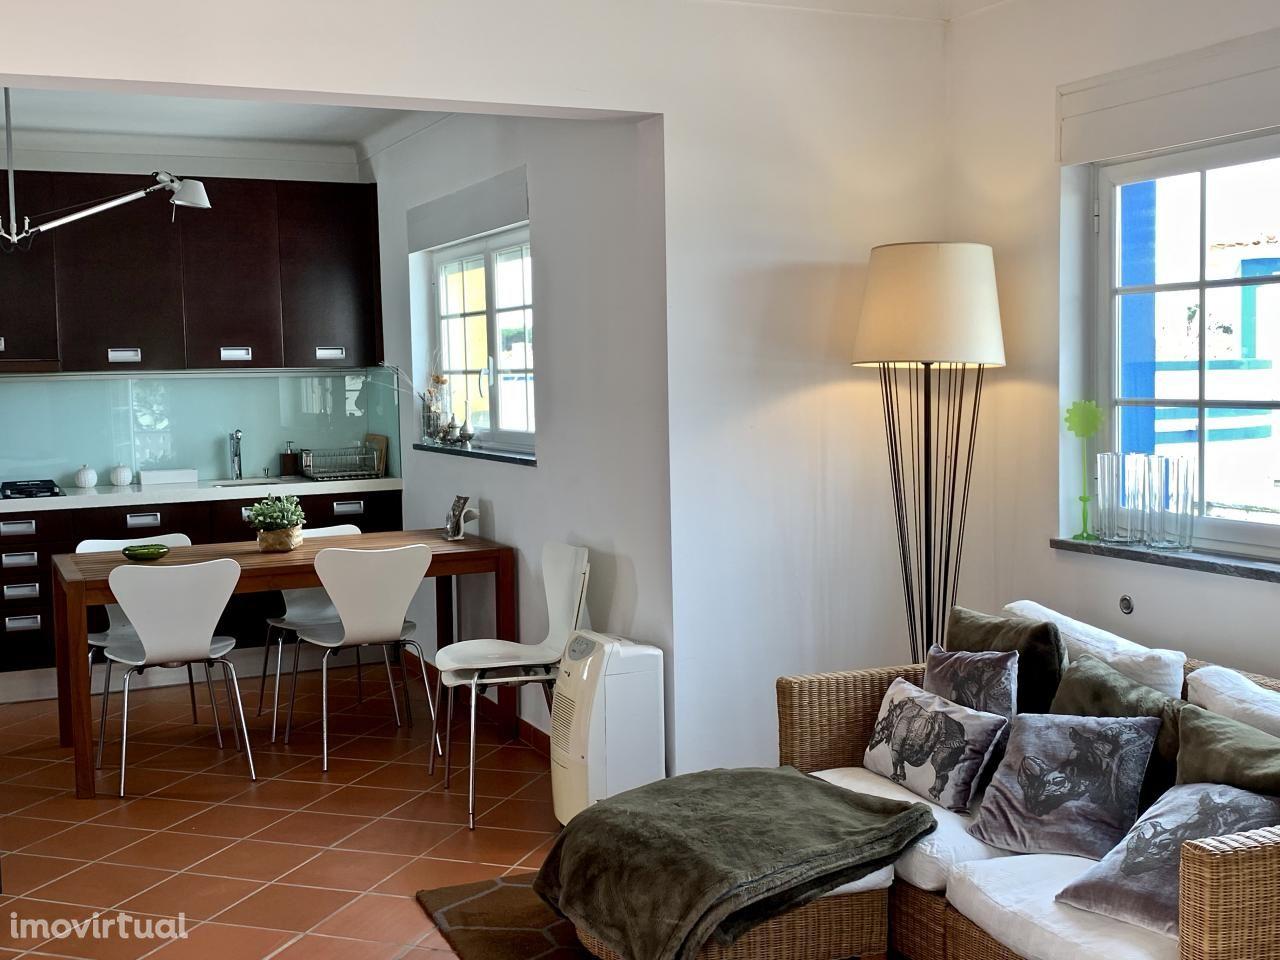 Apartamento para comprar, Amoreira, Óbidos, Leiria - Foto 7